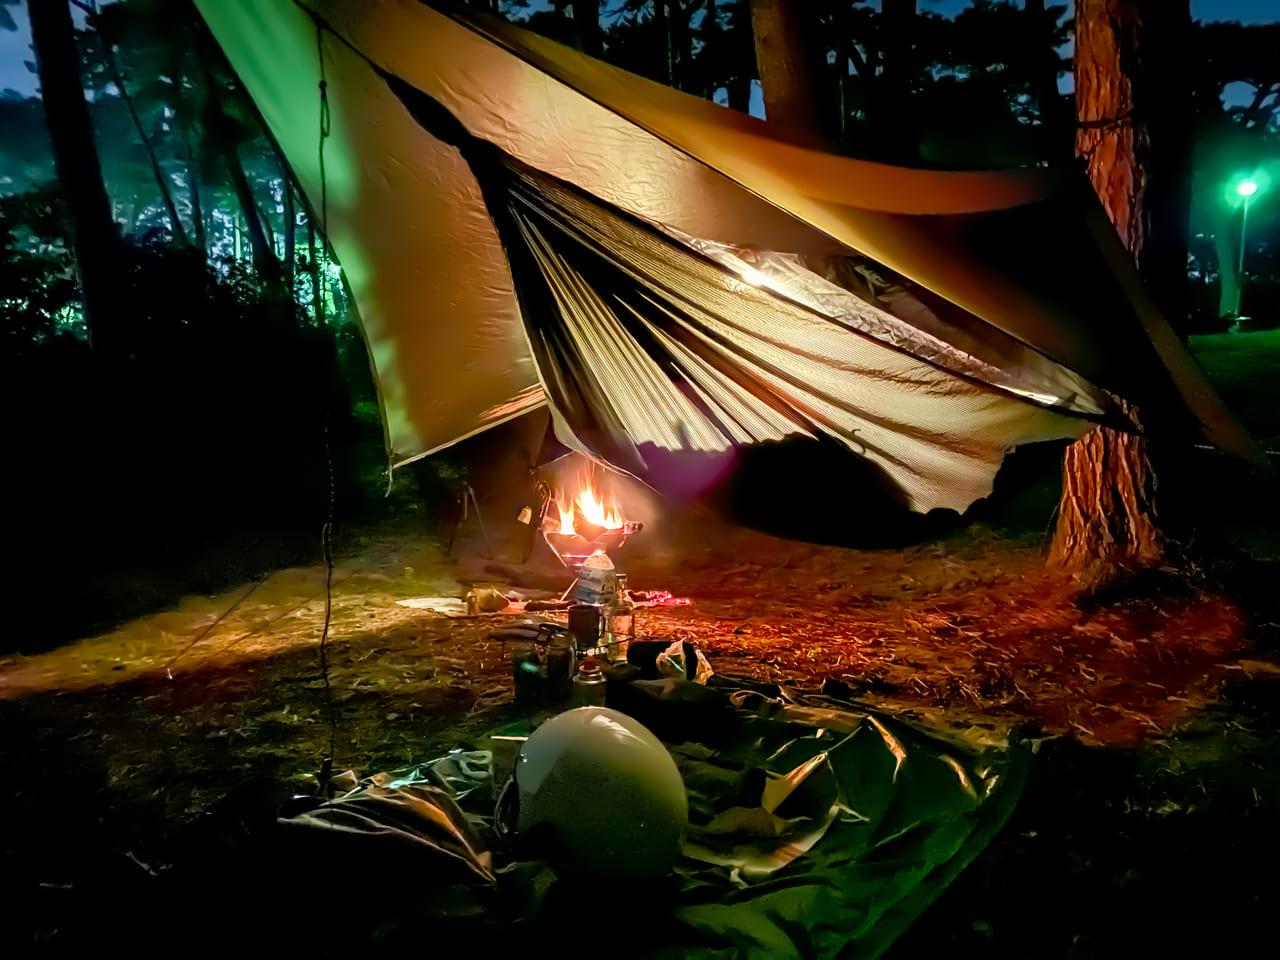 大洗キャンプ場でハンモック泊した夜